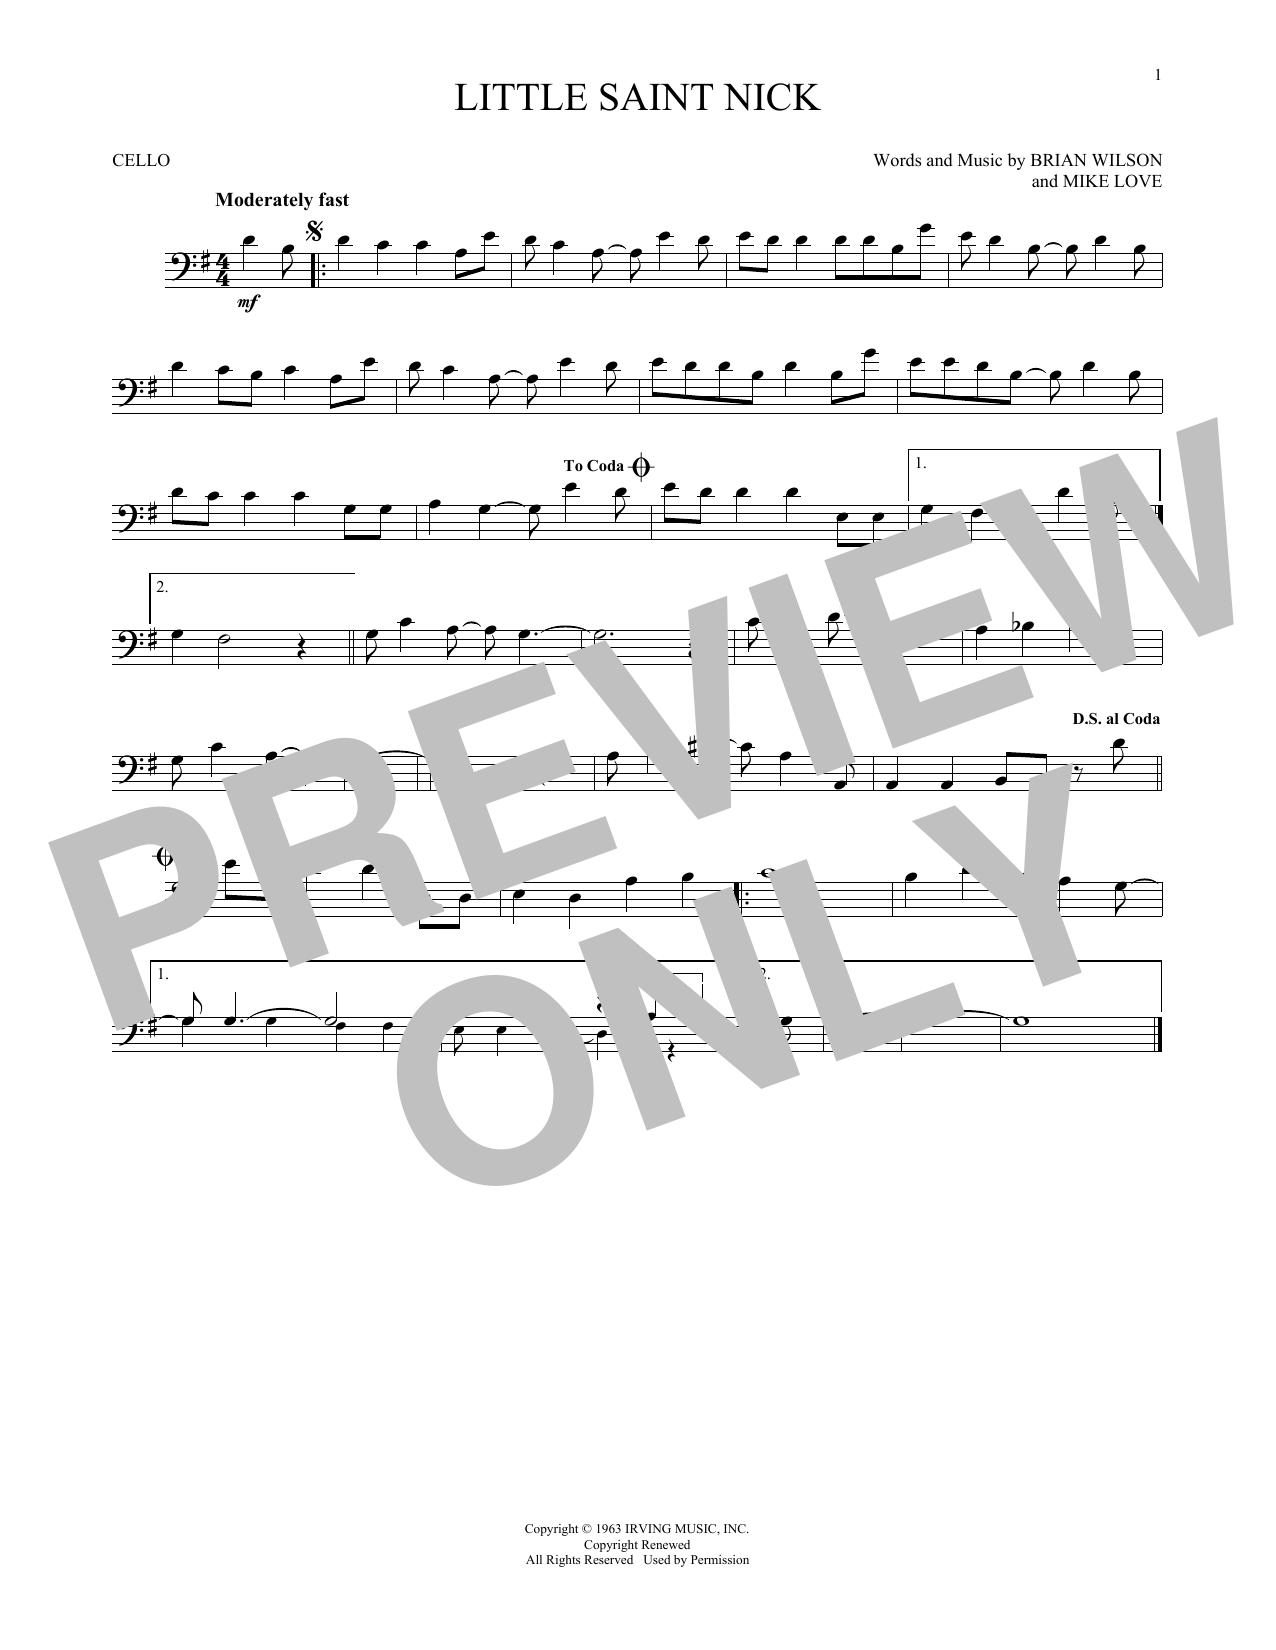 Little Saint Nick (Cello Solo)